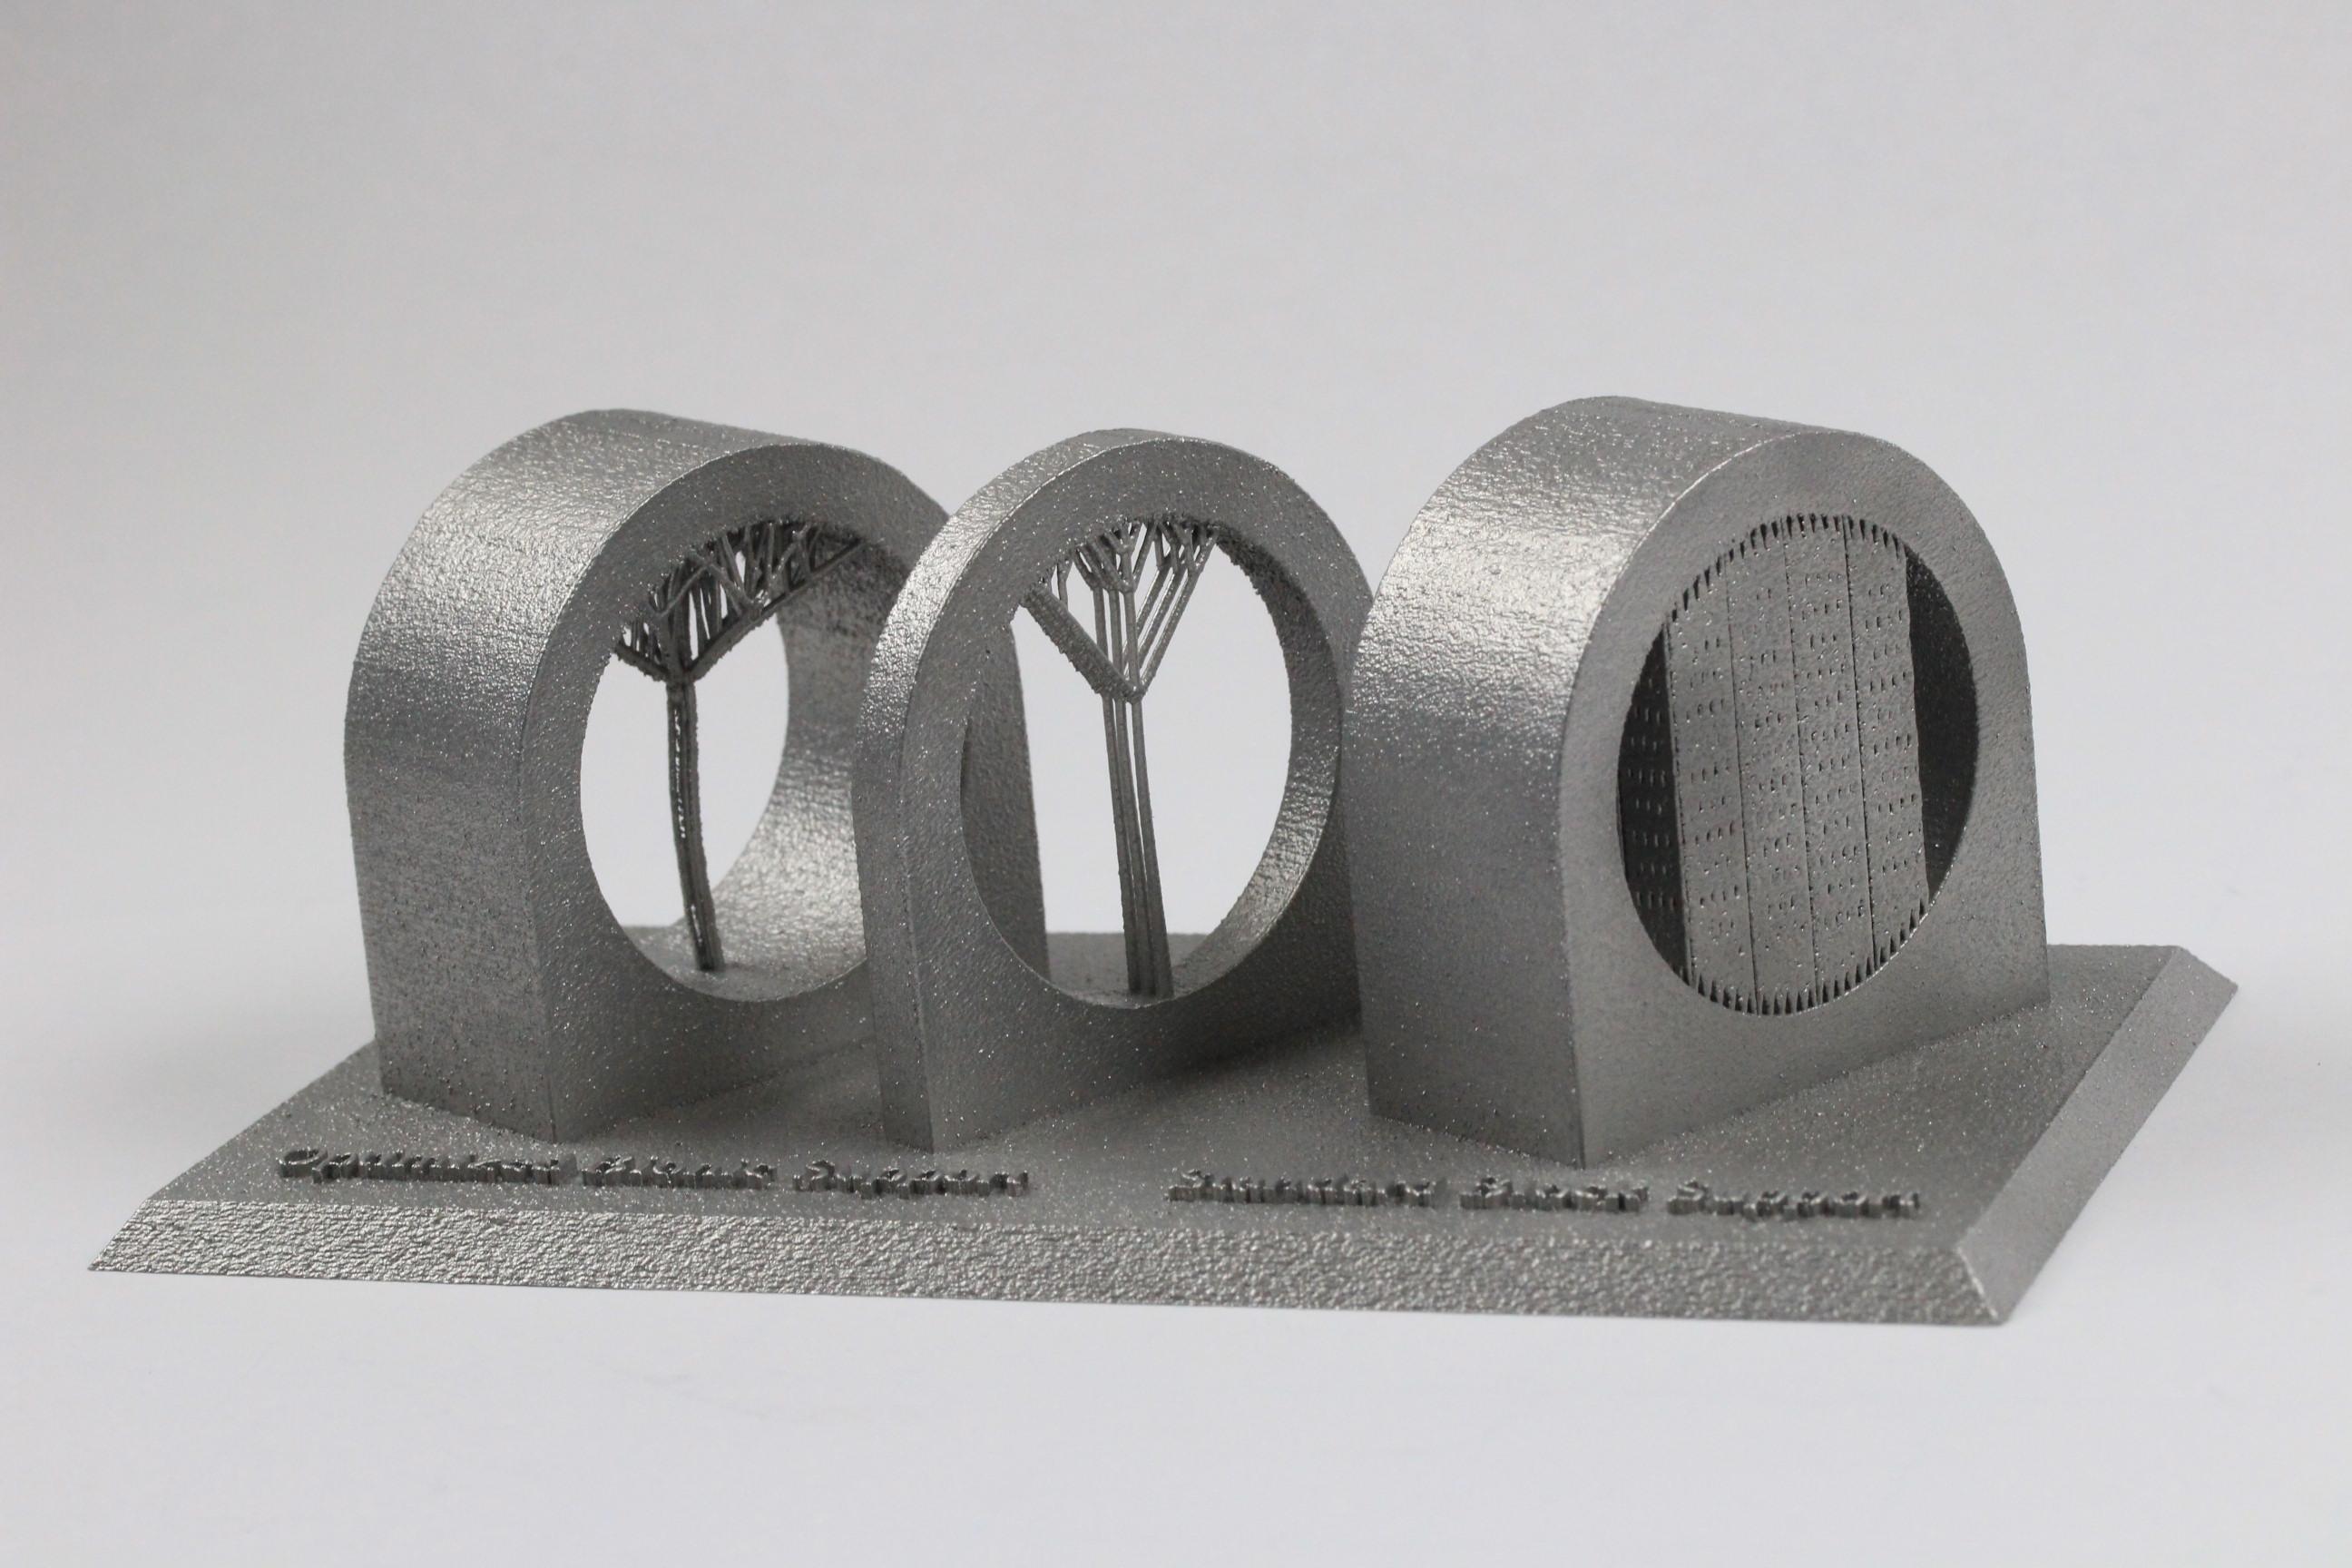 Leichtbau mittels 3D-Druck beim Flugzeugbau: Bio-inspirierte Supports ermöglichen Materialersparnisse von 70 bis 90 Prozent gegenüber herkömmlichen Supports. Gleichzeitig verringert sich dadurch die Belichtungszeit, wodurch Herstellungskosten gesenkt werden. (Bilder: Fraunhofer IAPT)